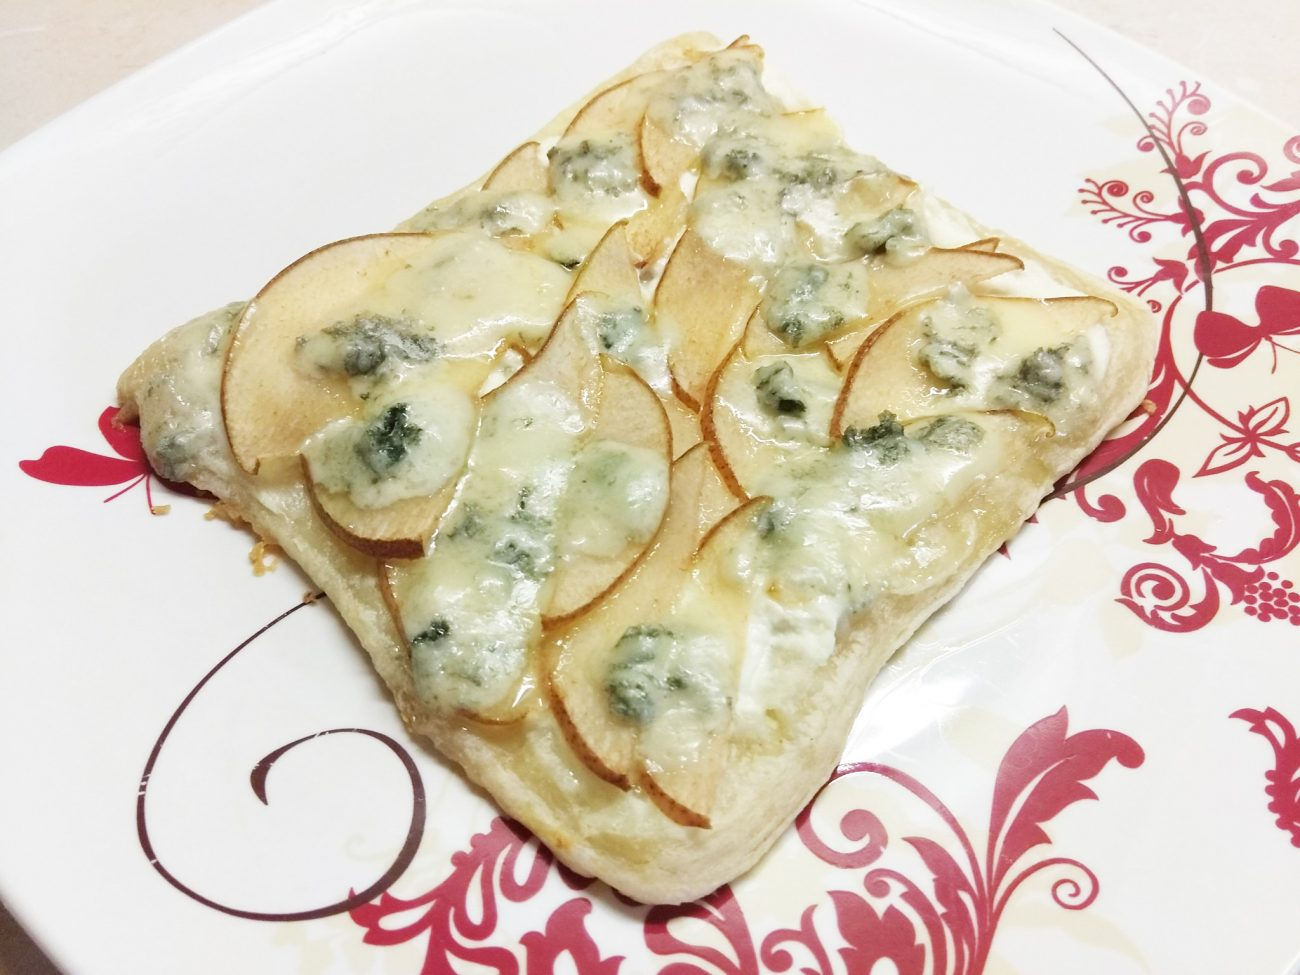 Пирог на слоенном тесте с голубым сыром, творогом и грушей